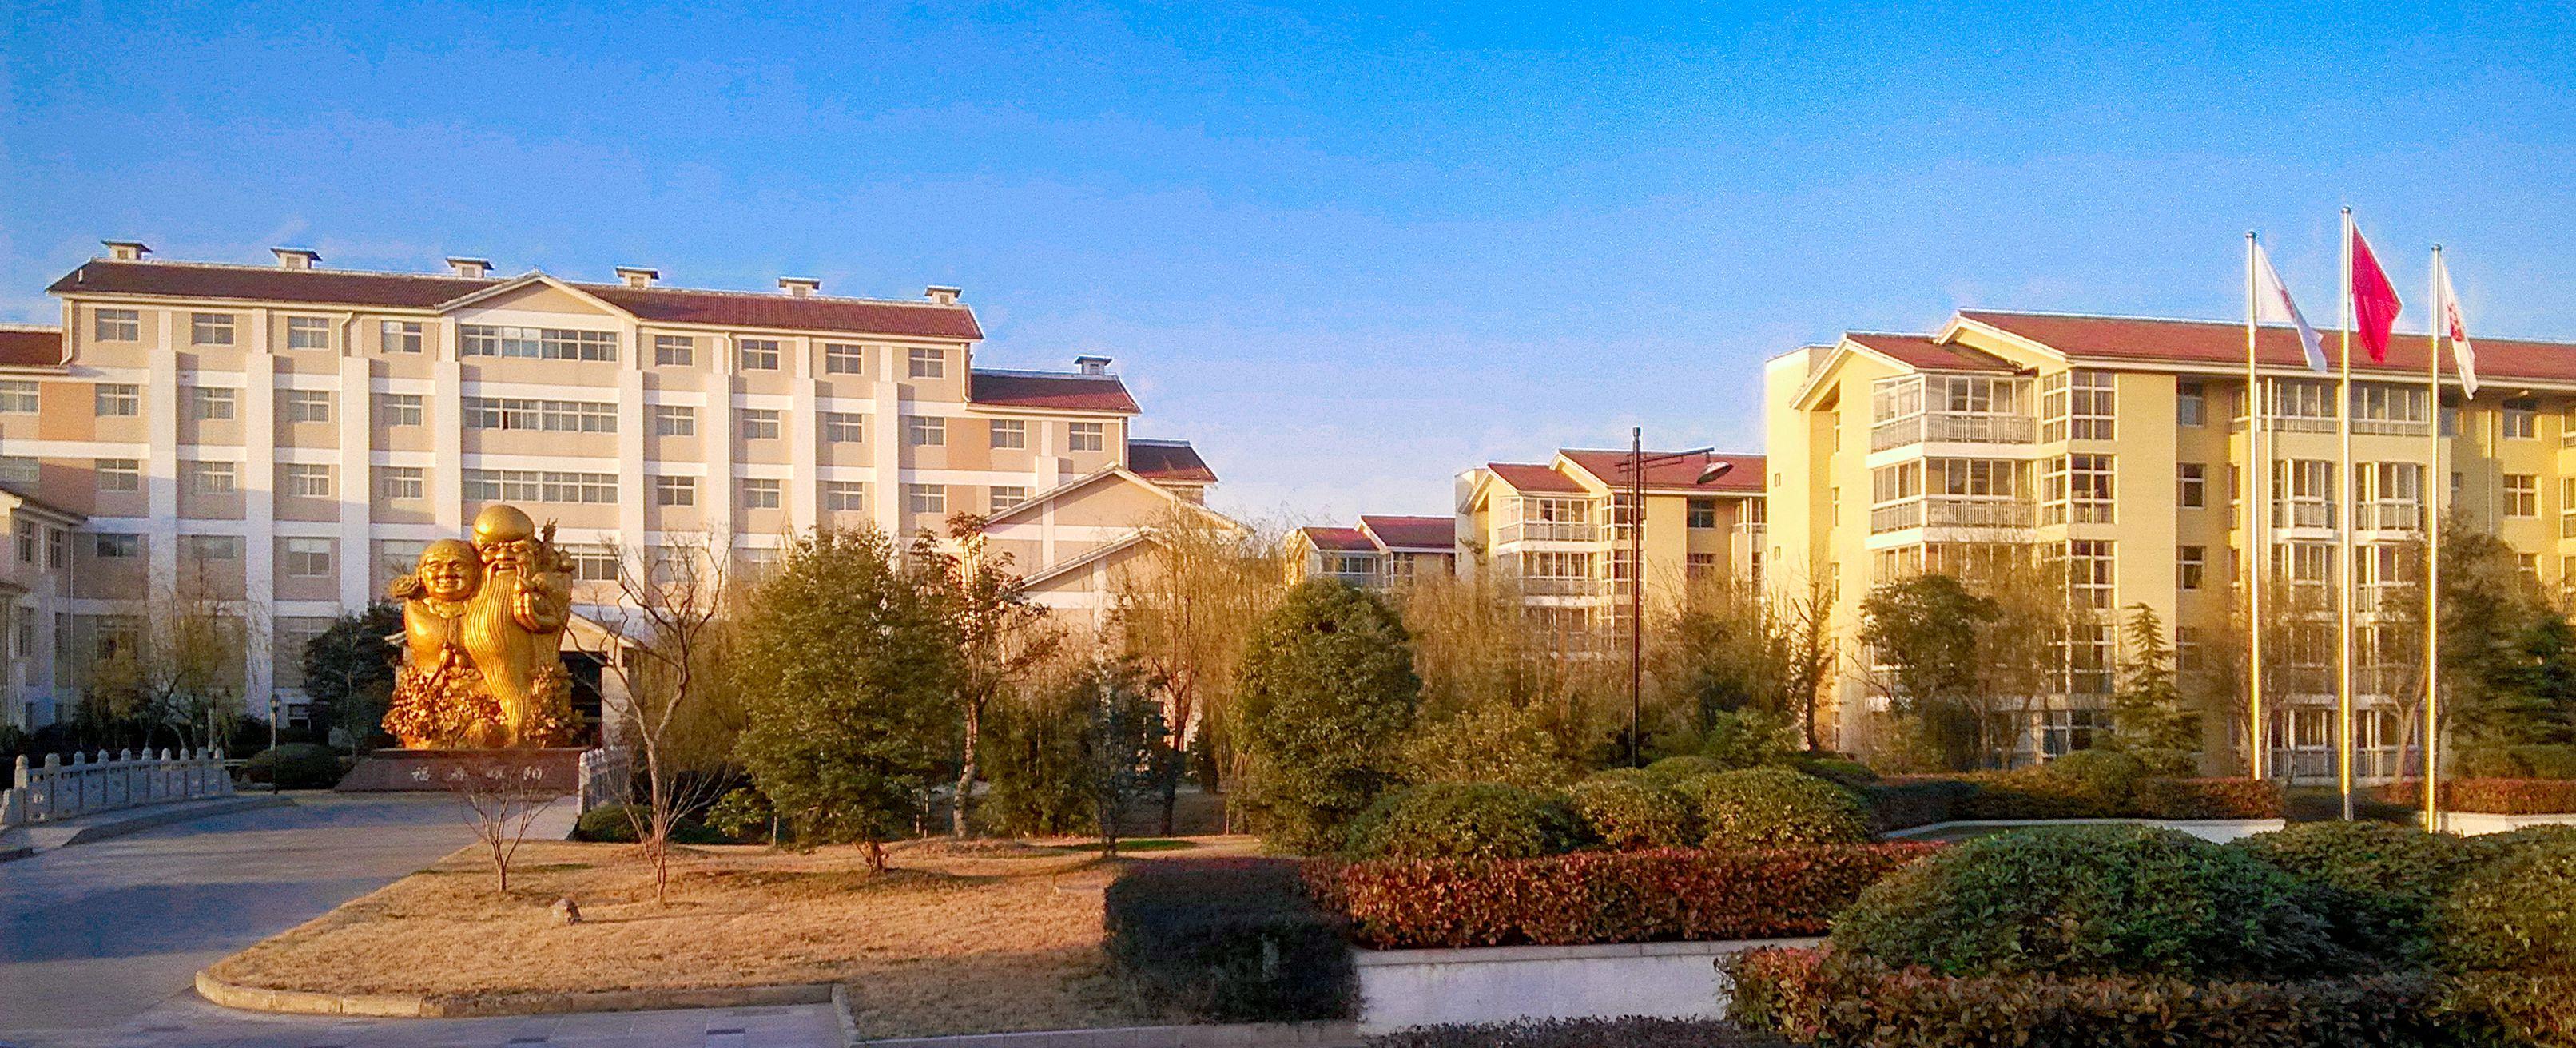 曜阳国际老年公寓外观